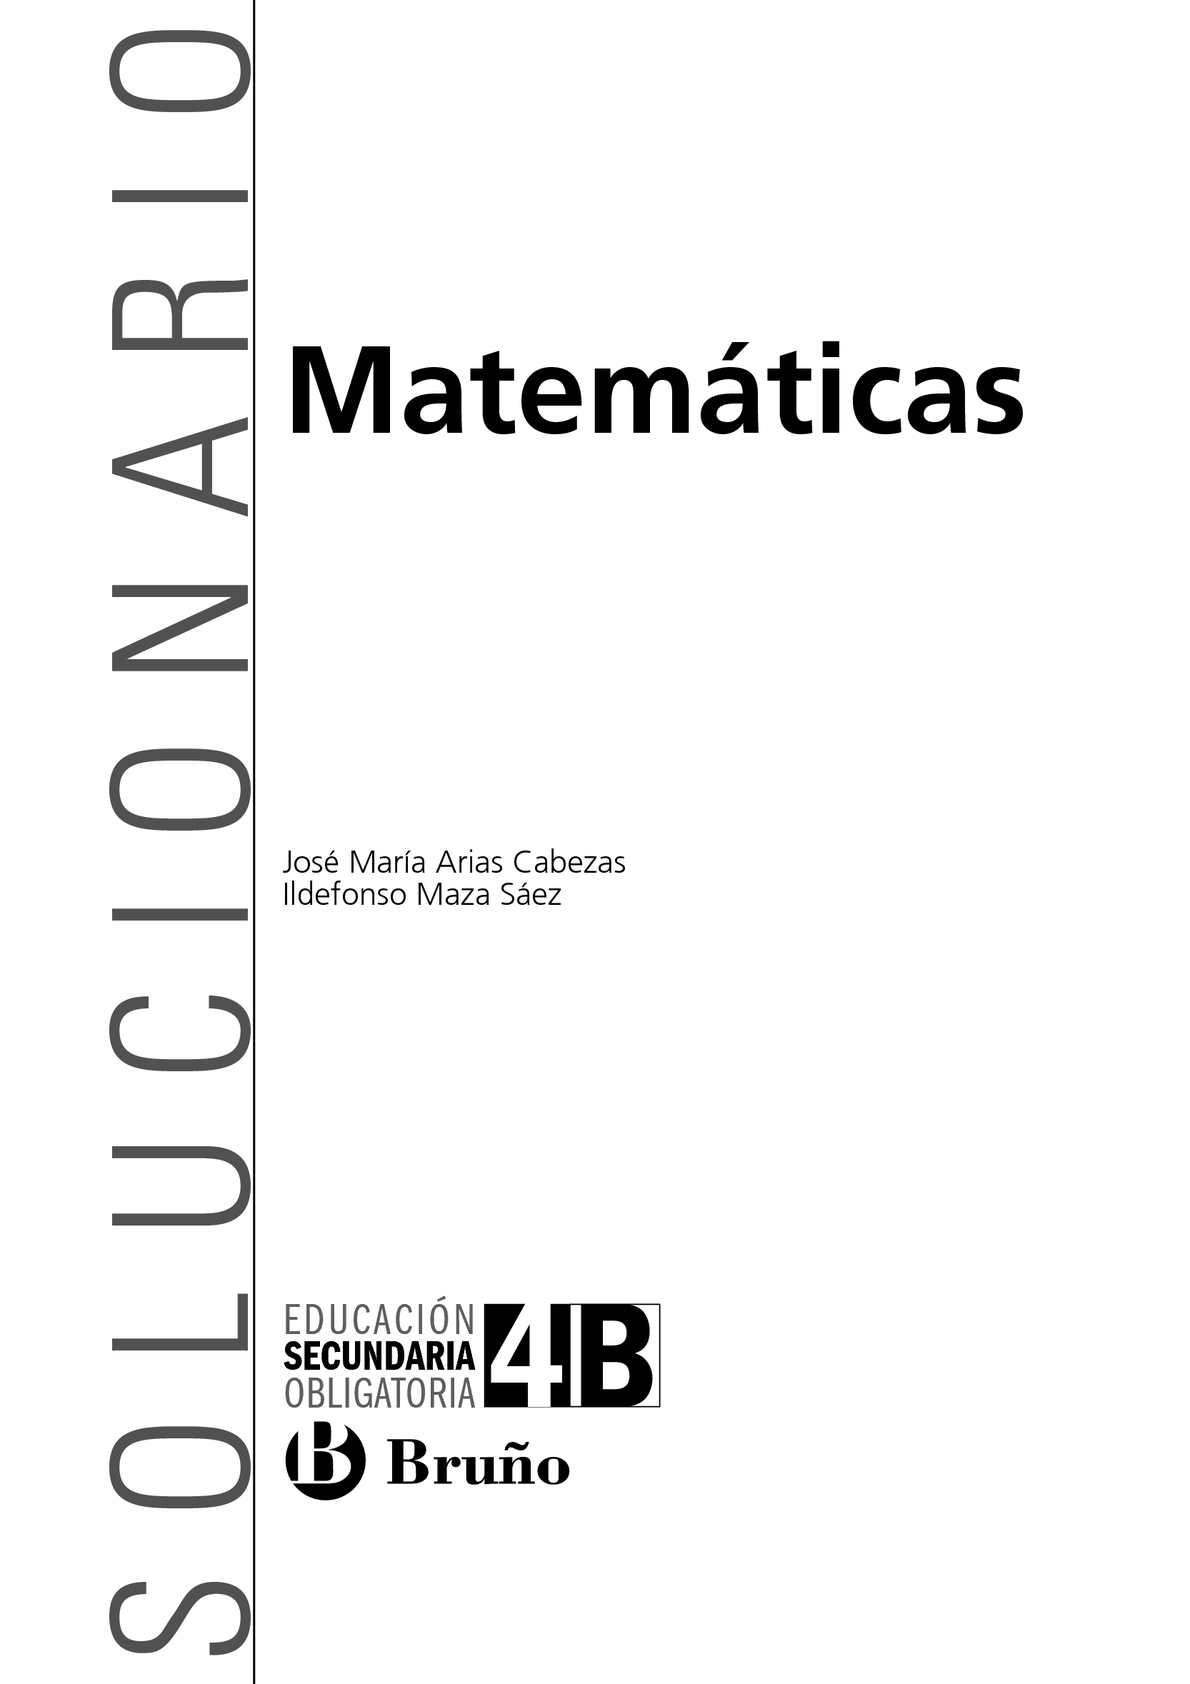 Solucionario Matemáticas Bruño 4-ESO-B - CALAMEO Downloader